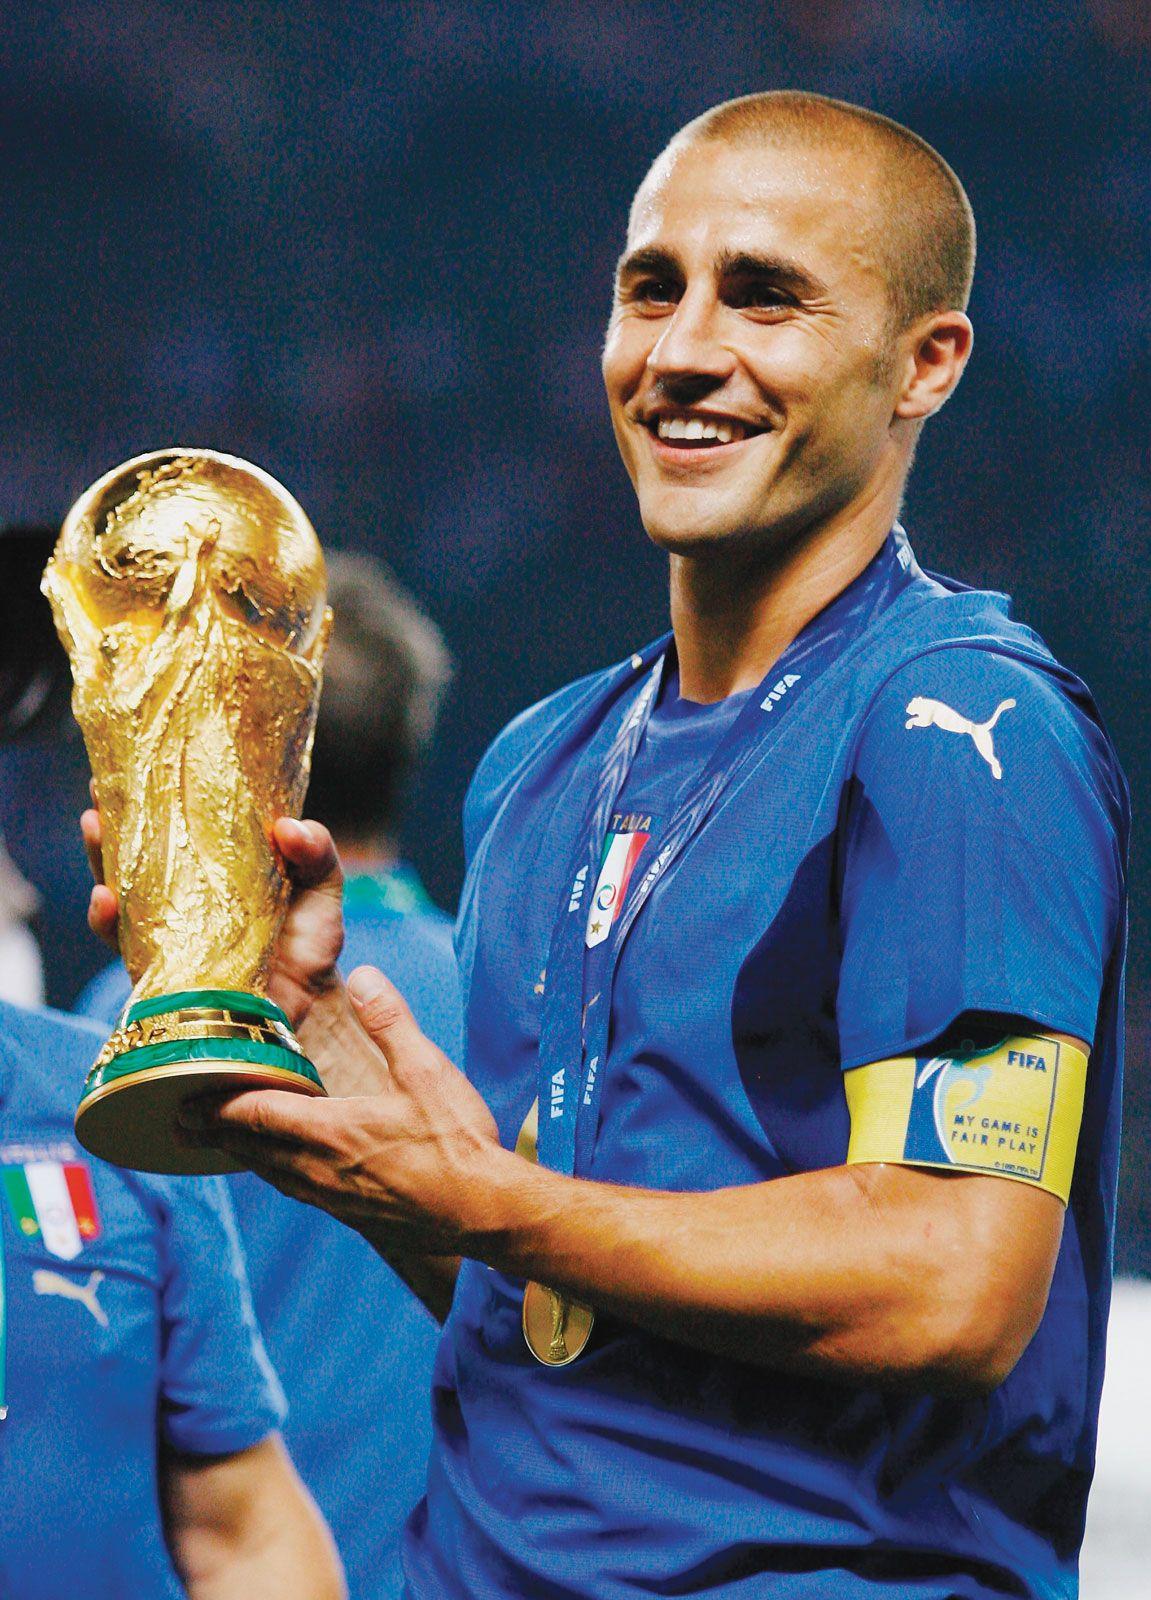 Fabio cannavaro 2006 germany Italy win world cup vs france